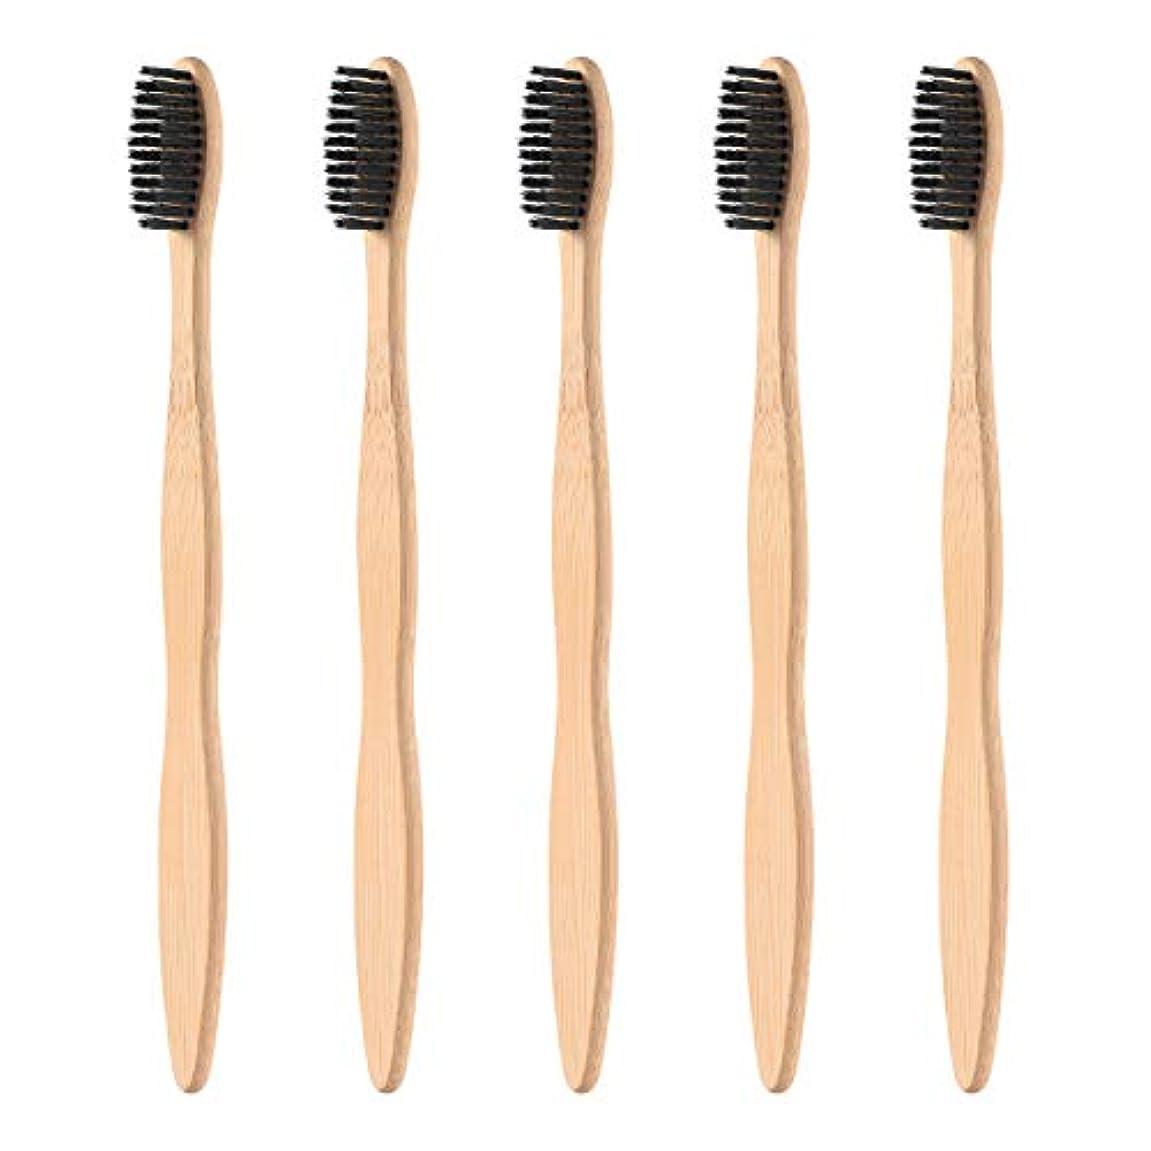 争う用量不利Healifty 柔らかい黒い剛毛が付いている5pcsタケハンドルの歯ブラシの自然な木のEcoの友好的な歯ブラシ